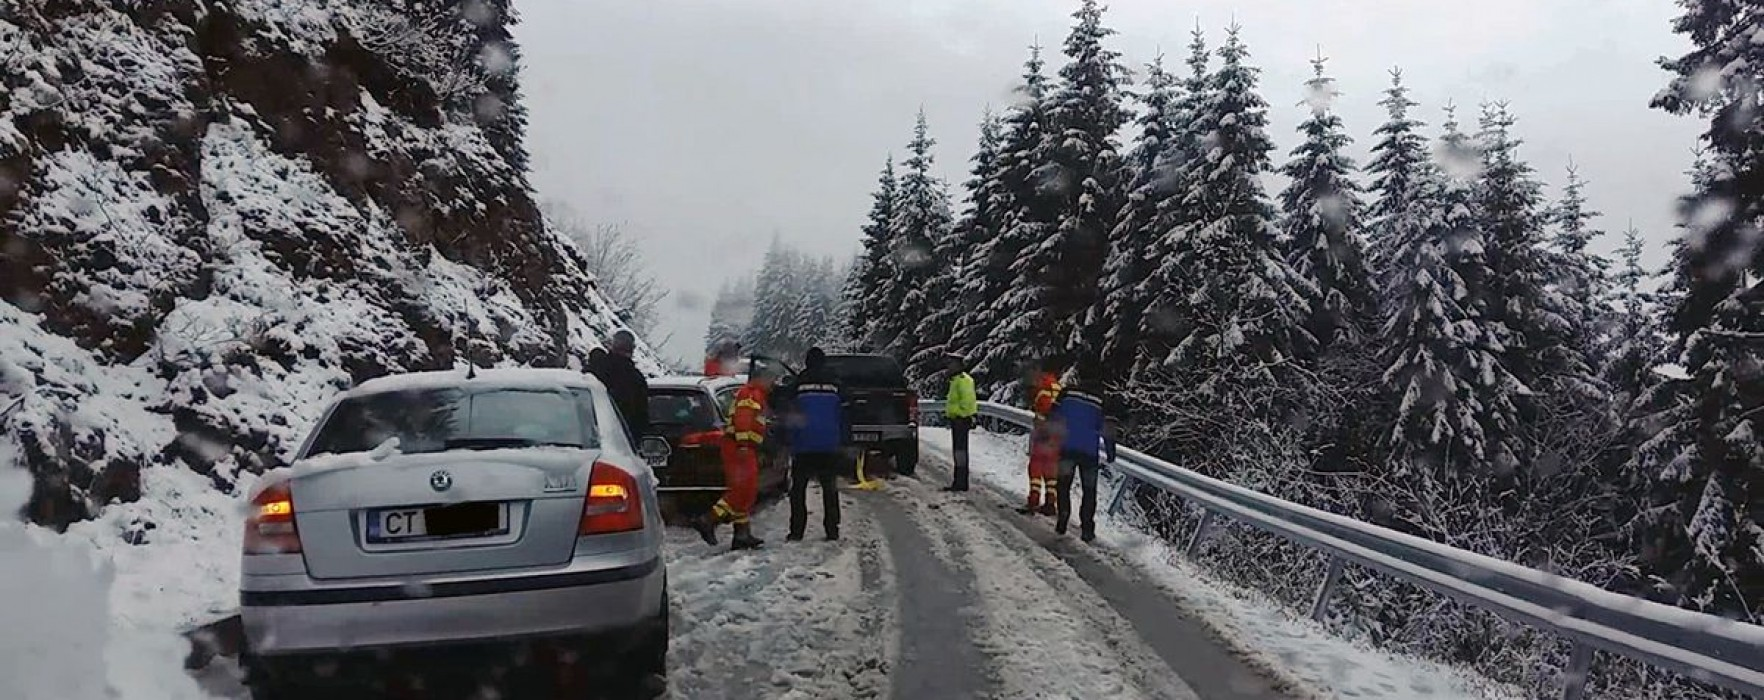 Dâmboviţa: Turişti rămaşi înzăpeziţi cu maşinile în zona montană